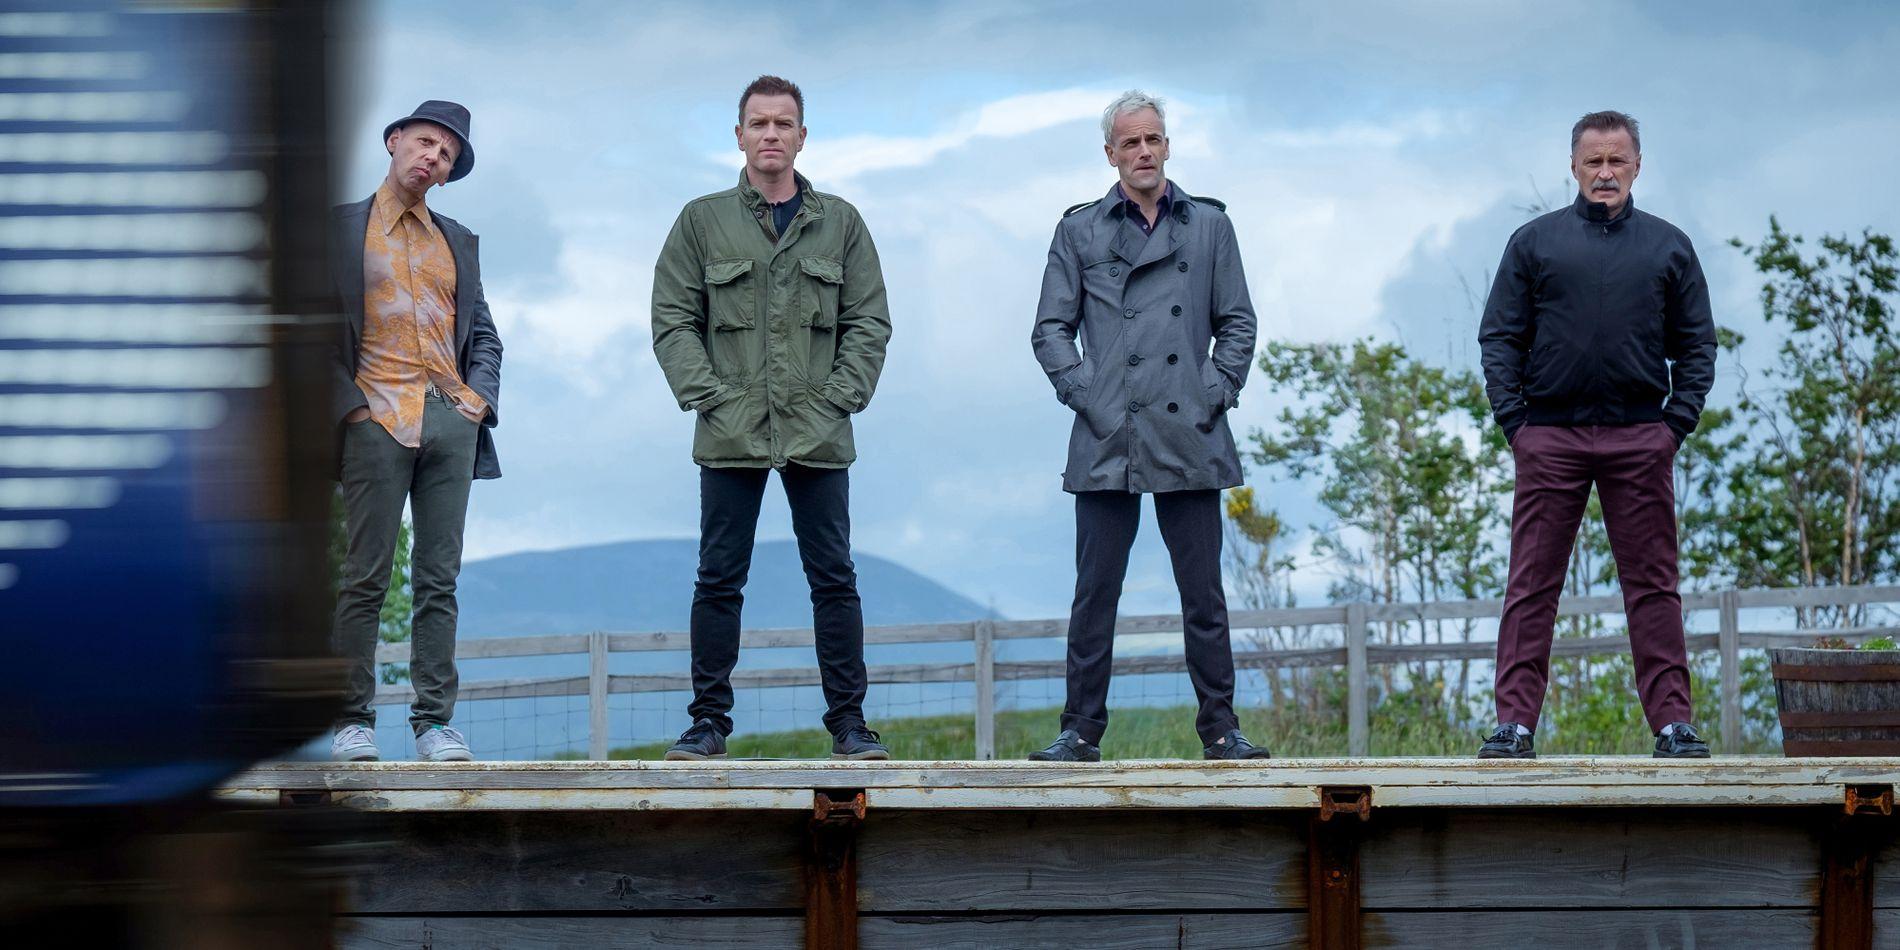 NITTITALLSNOSTALGI: Ewen Bremner, Ewan McGregor, Jonny Lee Miller og Robert Carlyle i «T2 Trainspotting». FOTO: United International Pictures